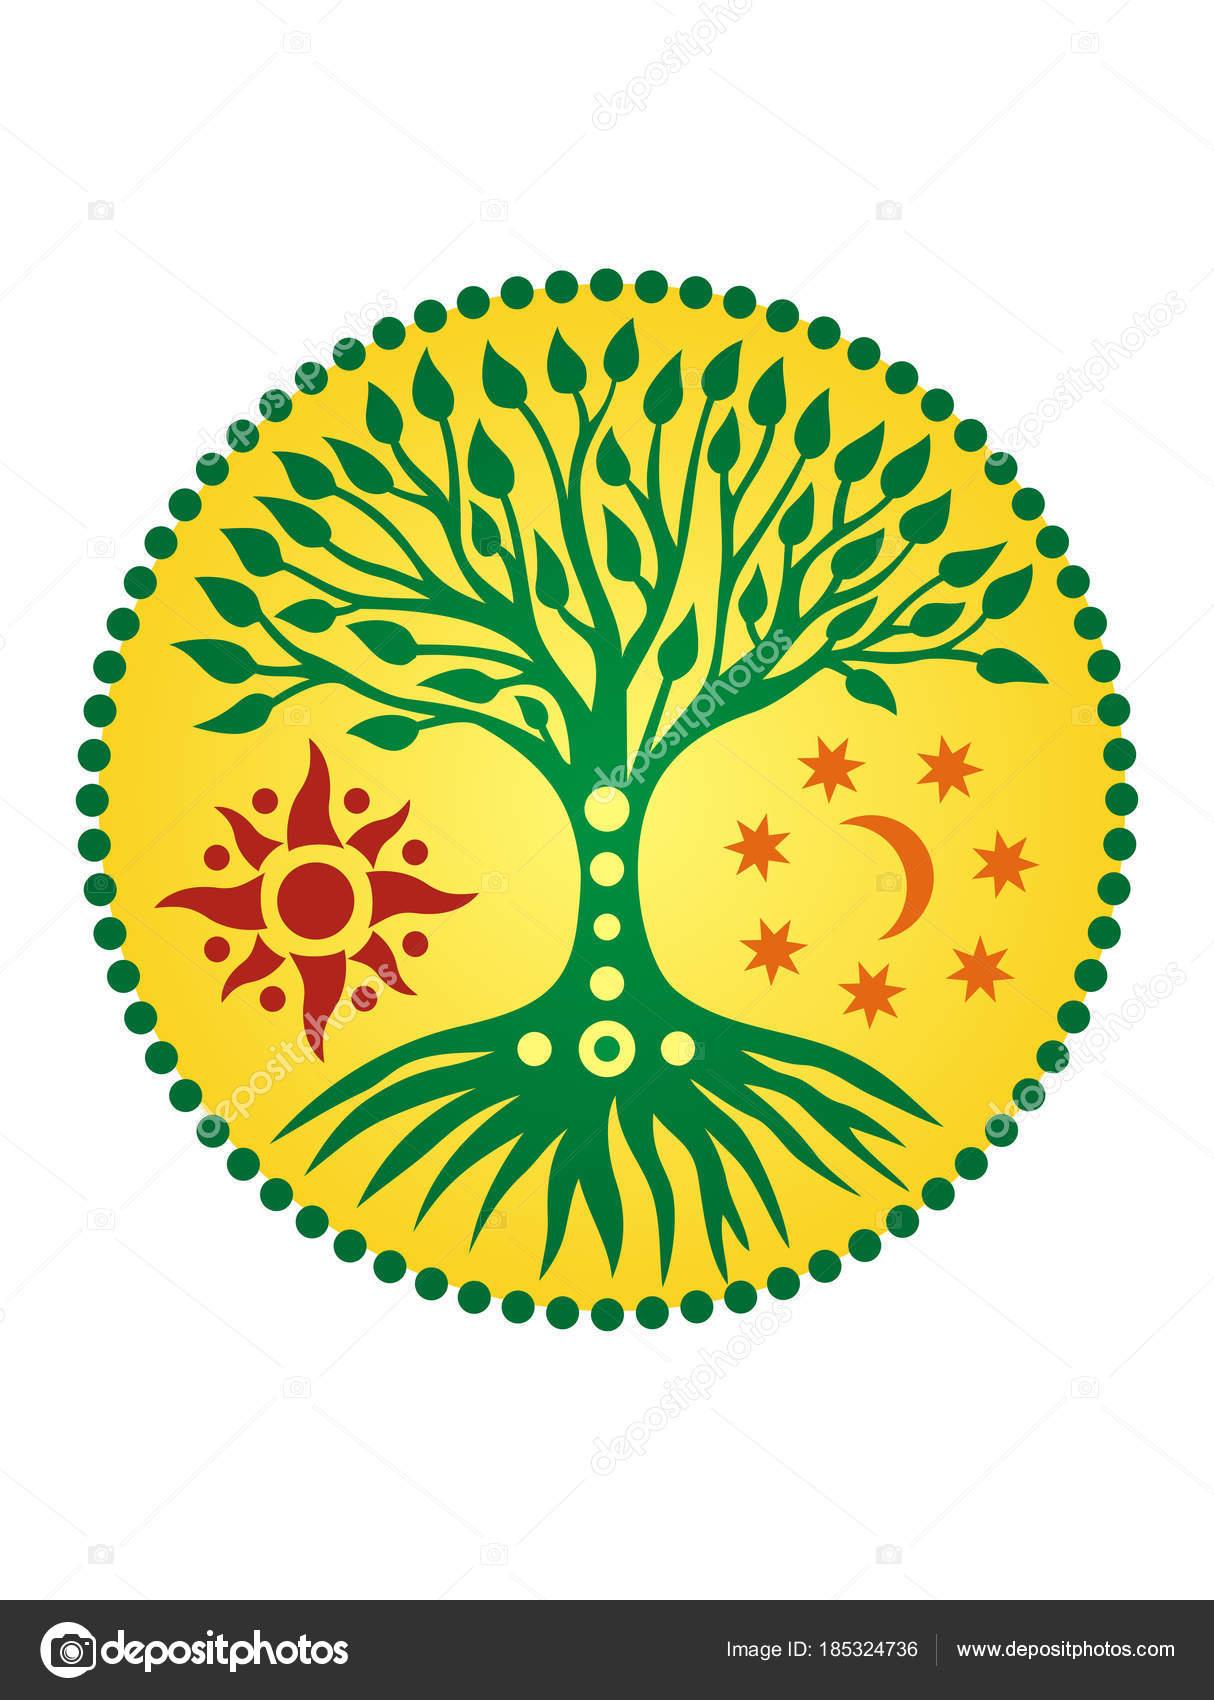 árbol Vida Círculo Solar Mandala Símbolo Vida Crecimiento Desarrollo